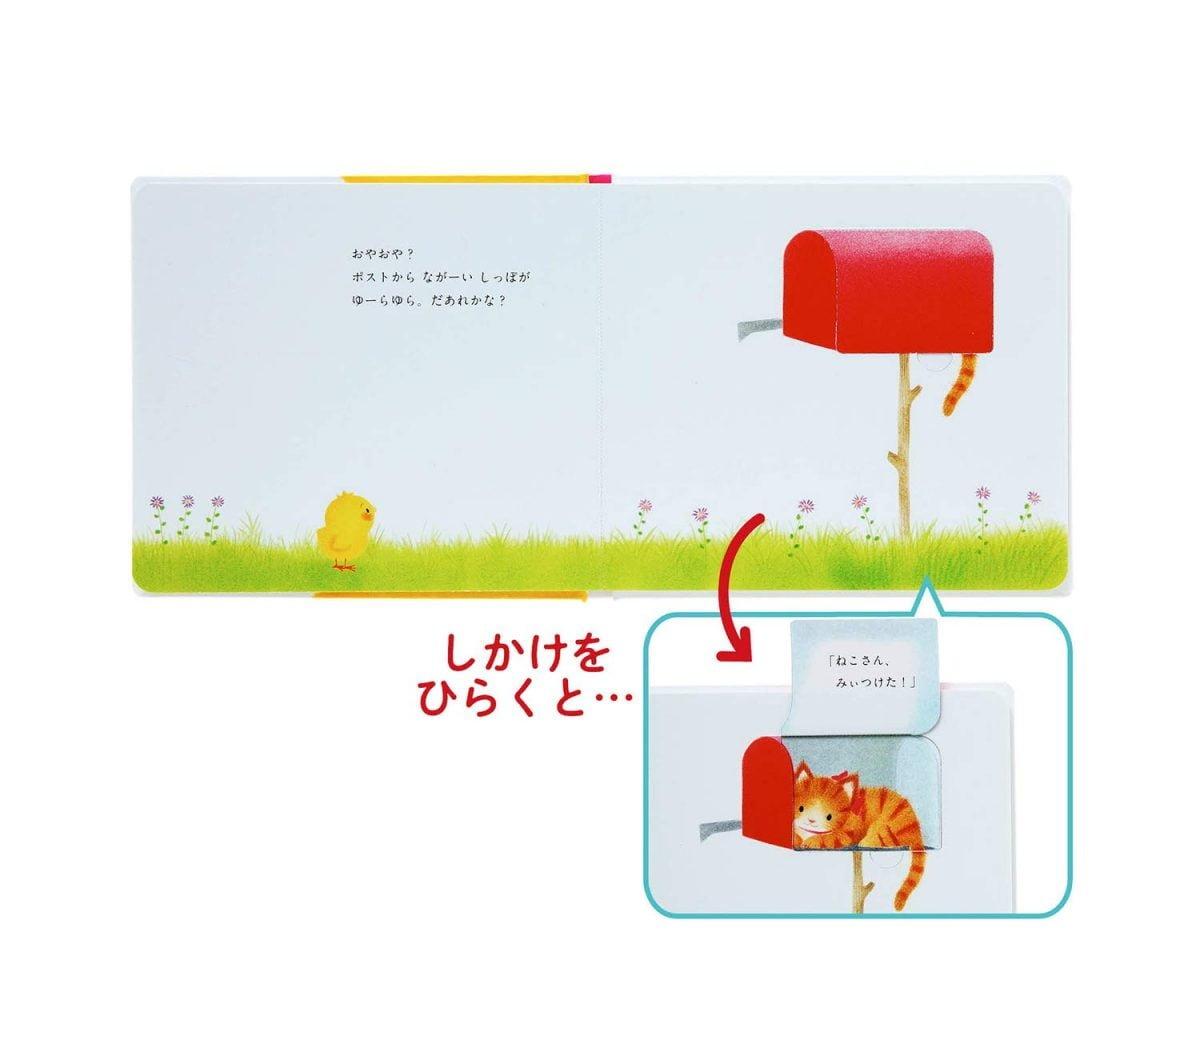 絵本「ぴよちゃんのかくれんぼ」の一コマ